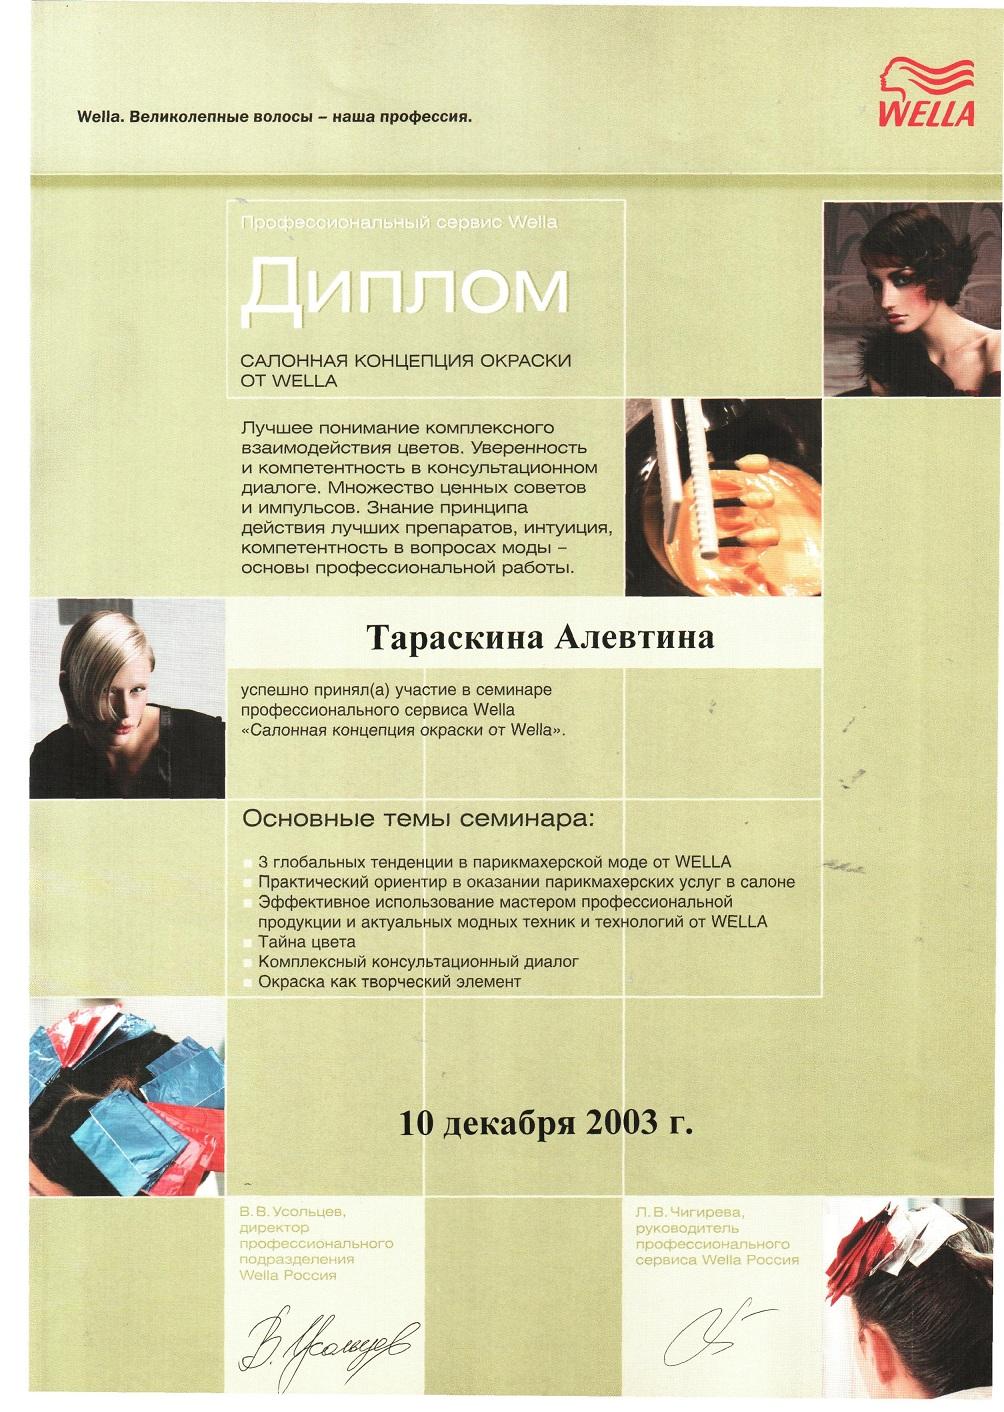 2003 салонная концепция окраски от Wella